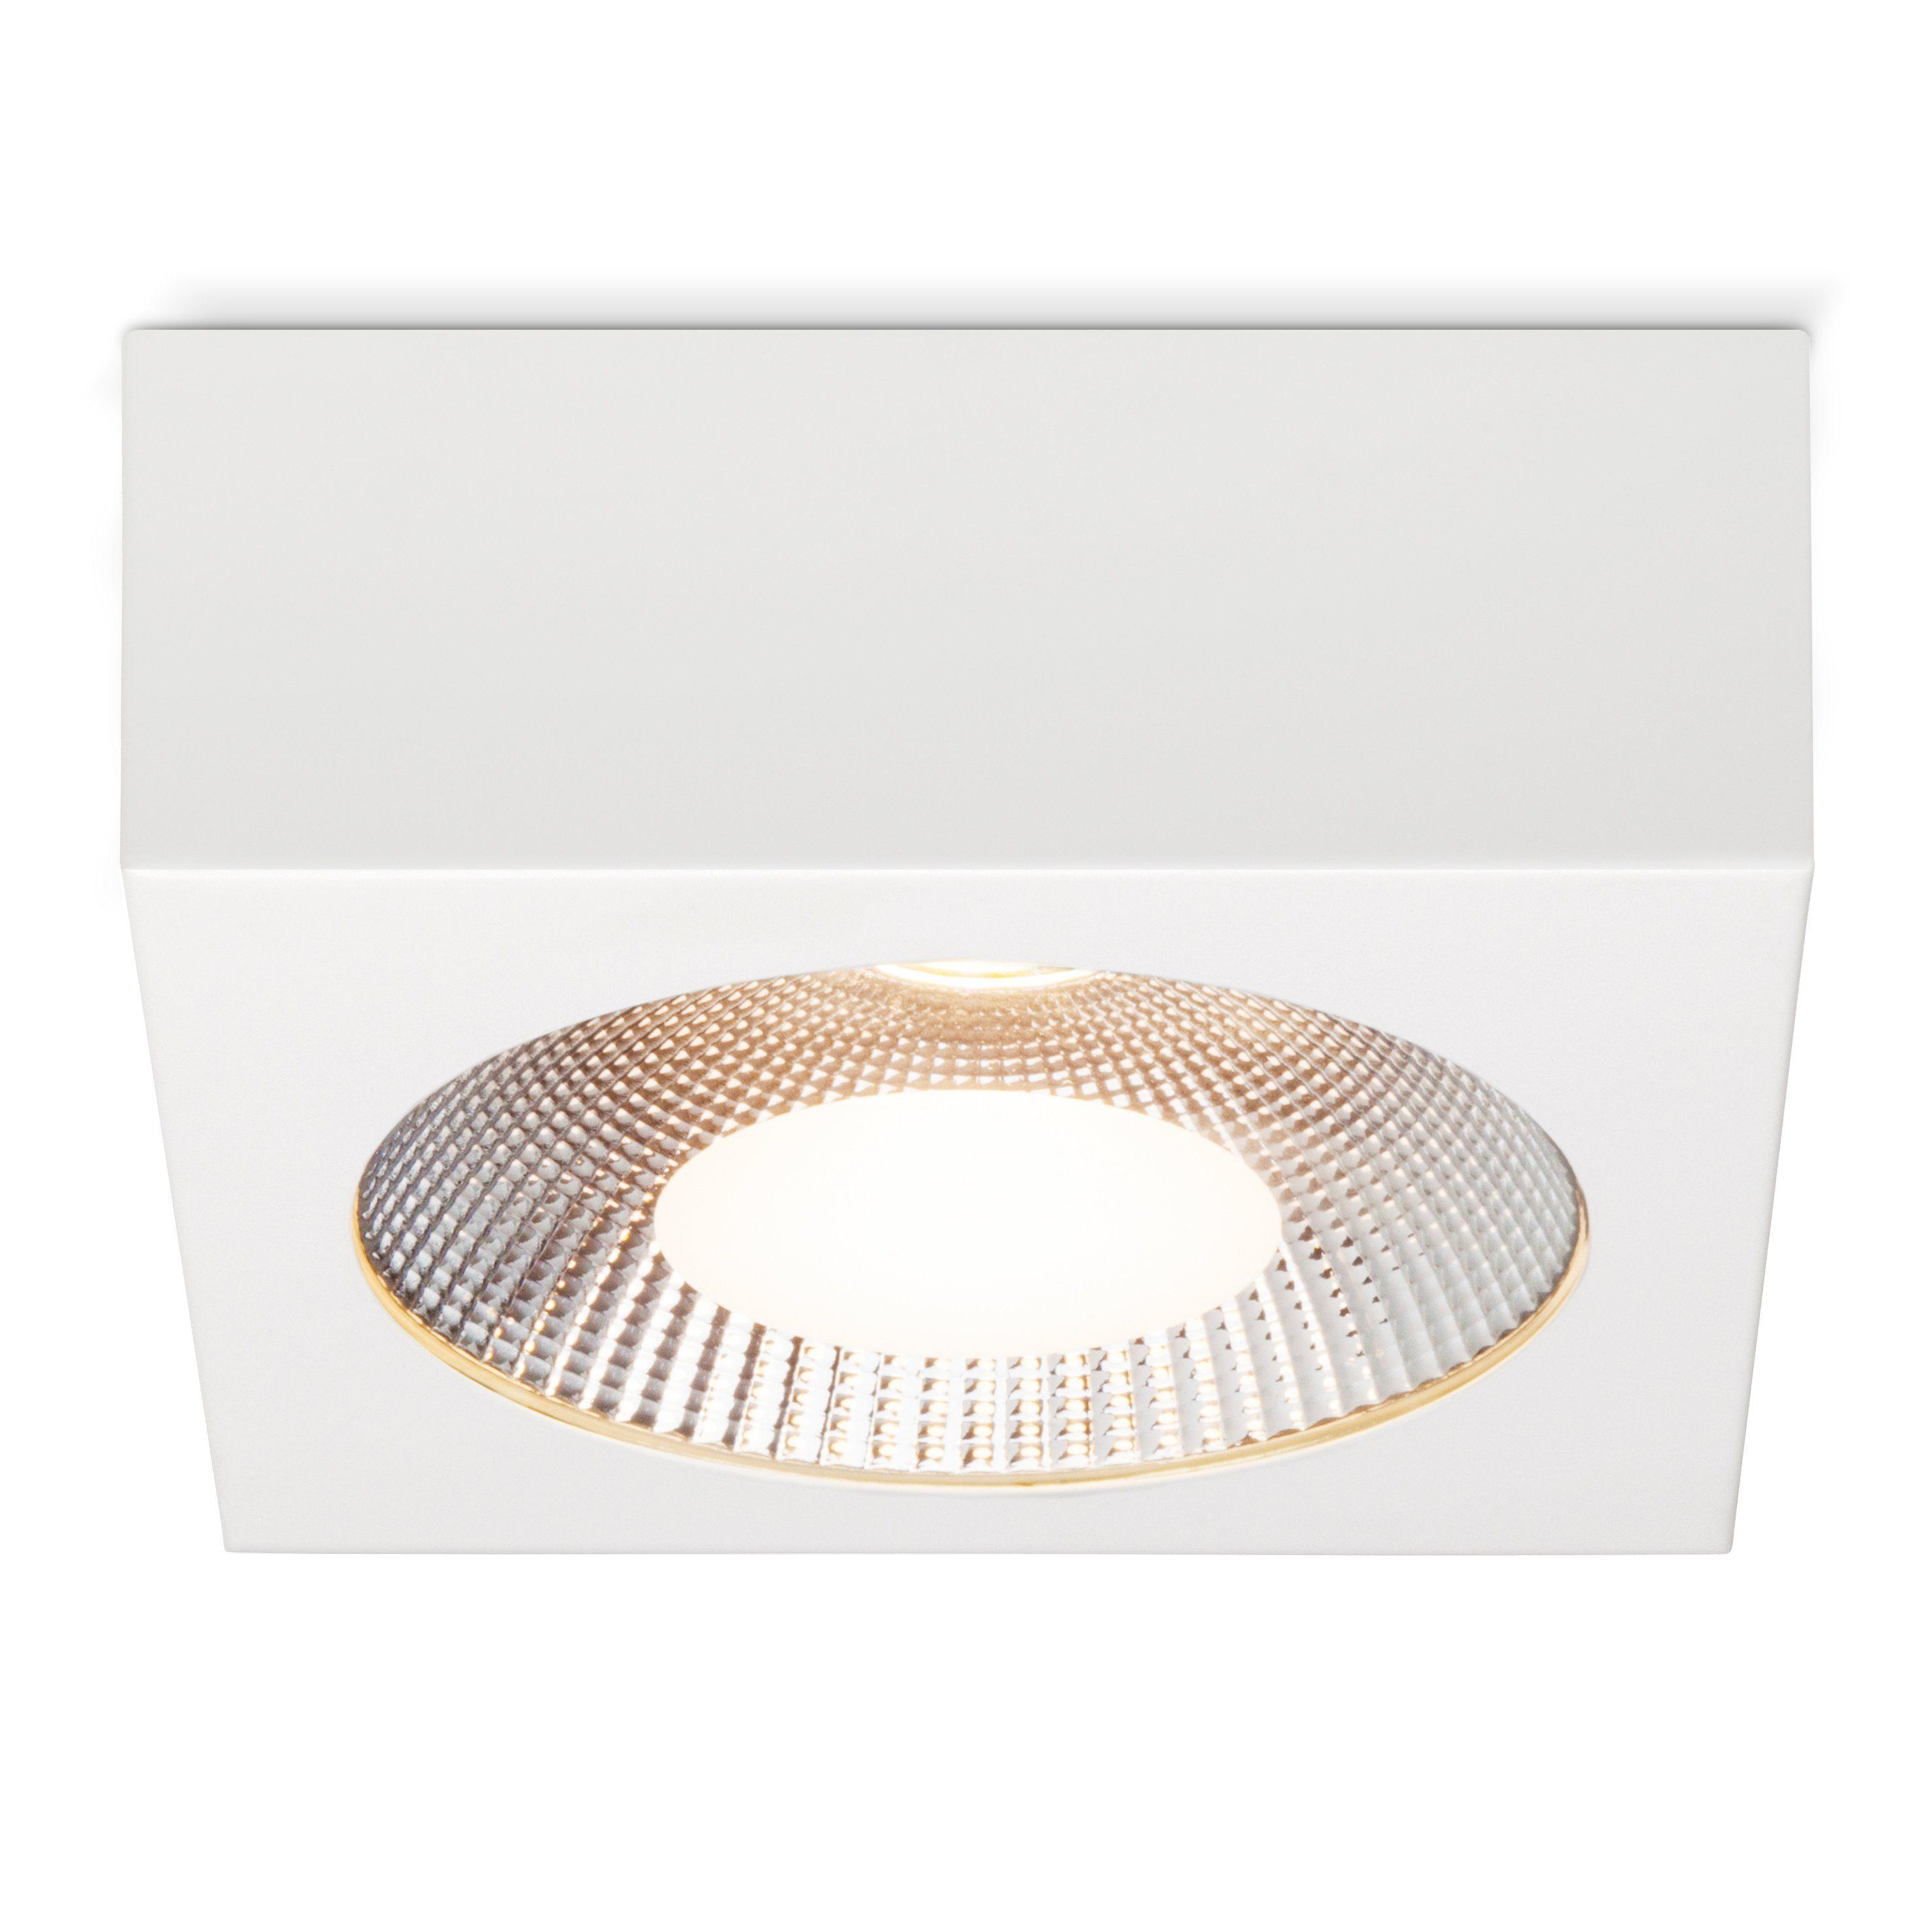 Brilliant Leuchten Babett LED Aufbauleuchte 20W weiß